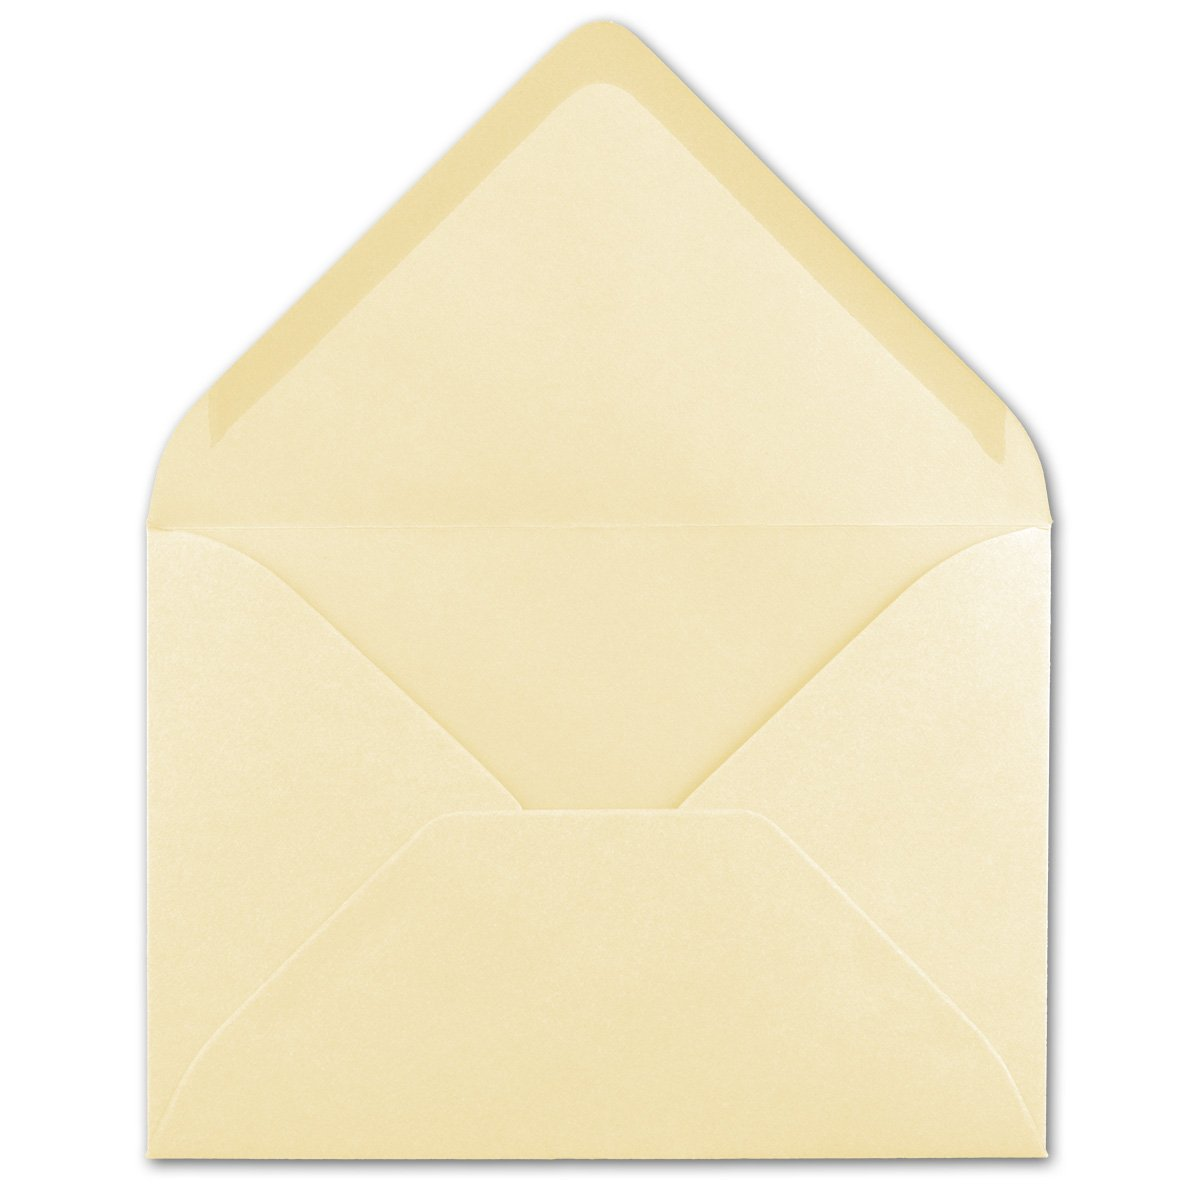 Brief-Umschläge in Nachtblau   150 Stück   DIN DIN DIN C5 KuGrüns 220 x 154 mm - Nassklebung ohne Fenster - Weihnachten, Grußkarten   Serie FarbenFroh® B07C9C7MW9 Grukarten & Einladungsumschlge Komfortabel und natürlich 8f8319